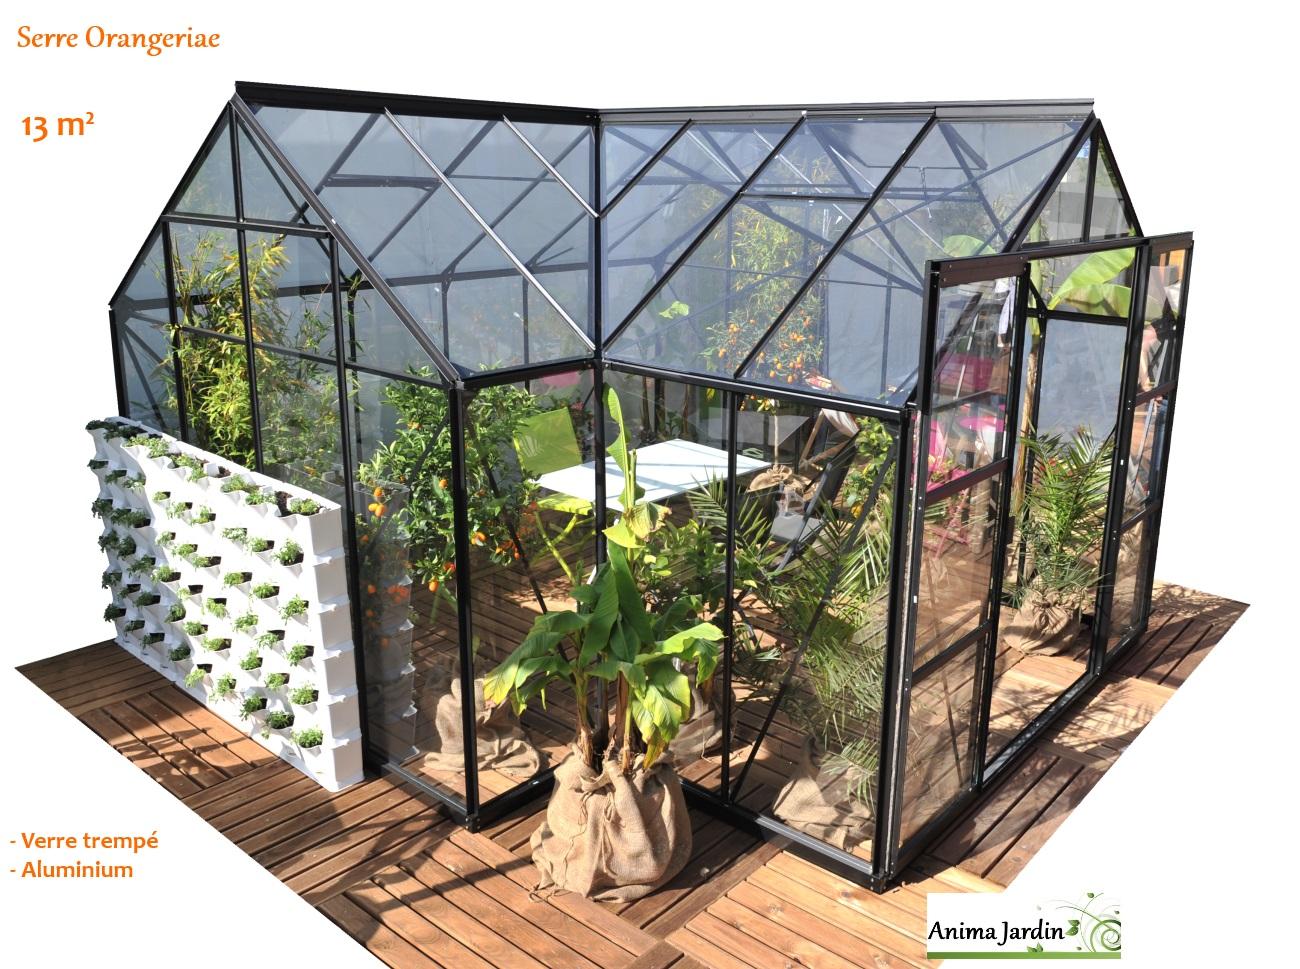 Serre de jardin, Orangeraie SIRIUS, verre trempé, aluminium, achat/vente,  Lams